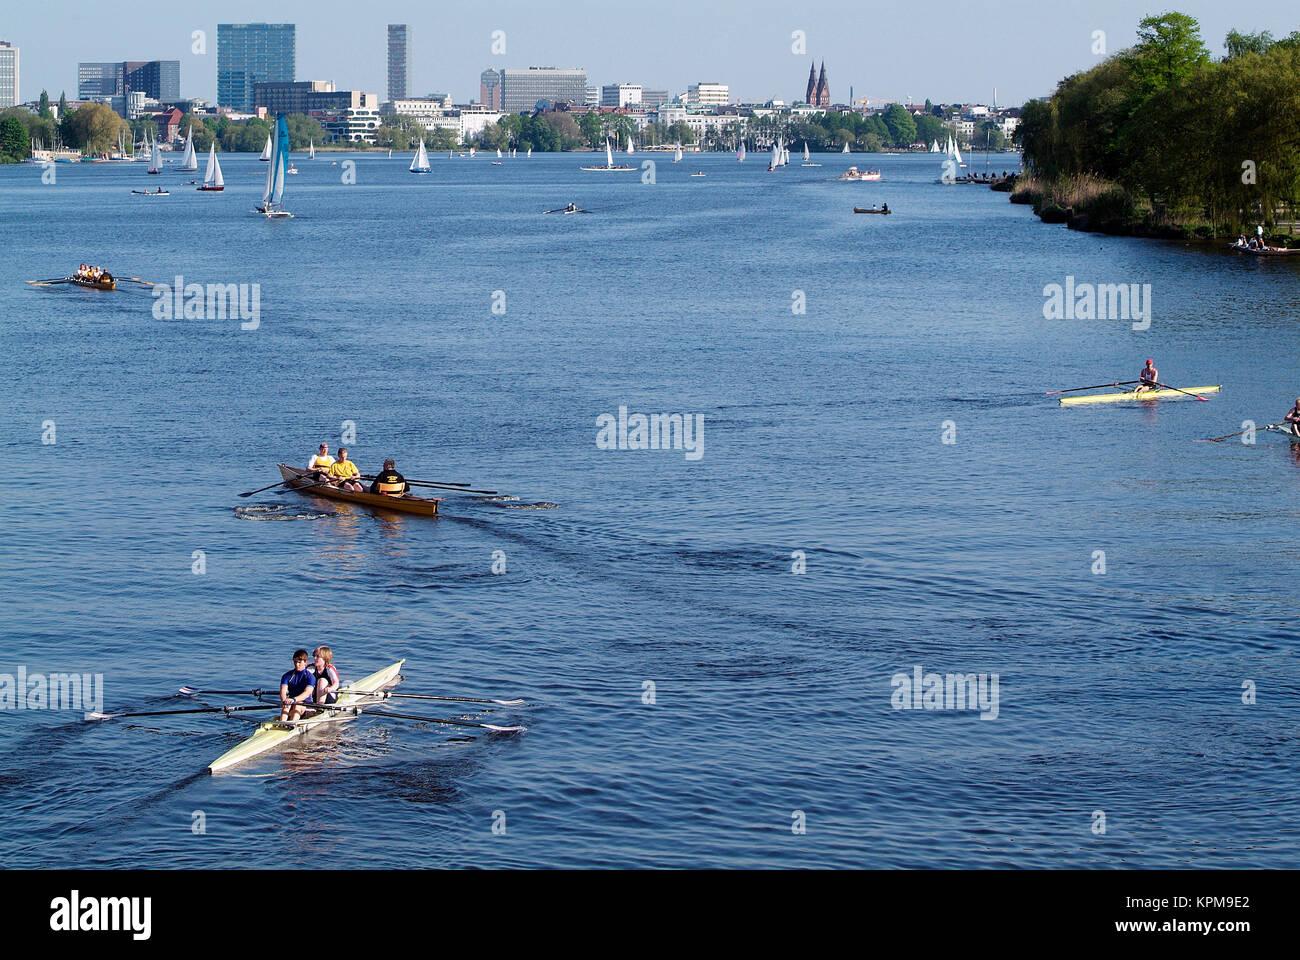 Hamburg, eine der schönsten und beliebtesten Reiseziele der Welt. Freizeitaktivitäten Ruderer auf der Stockbild